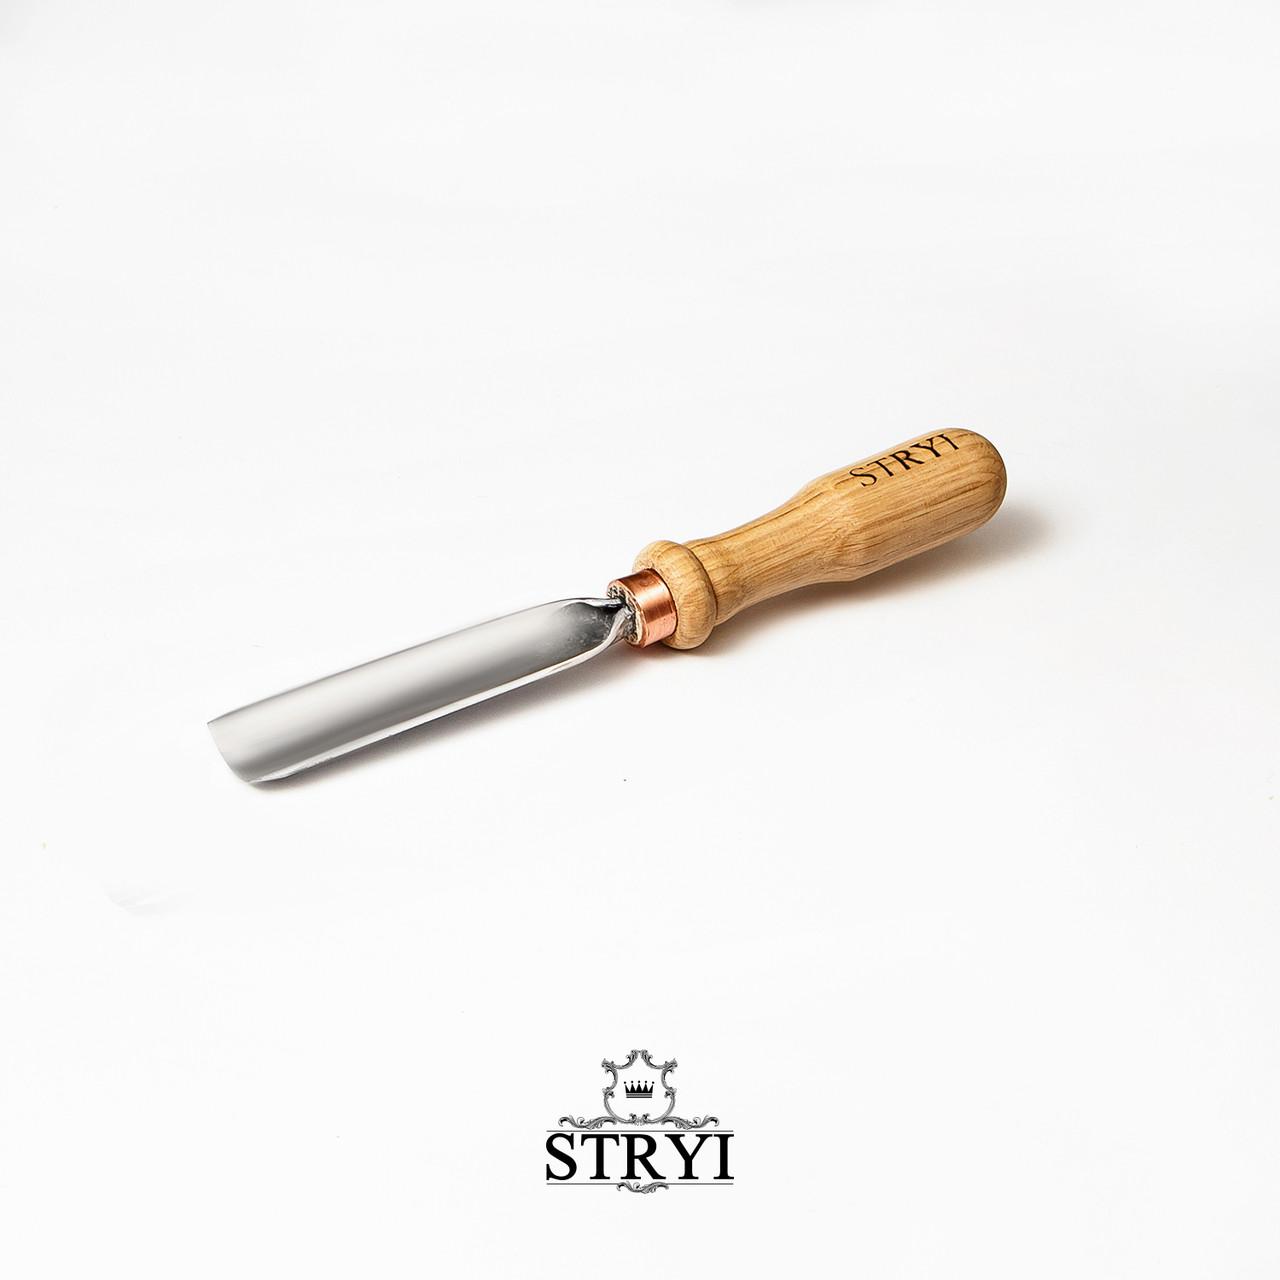 Стамеска полукруглая профессиональная STRYI 15мм от производителя, профиль №8